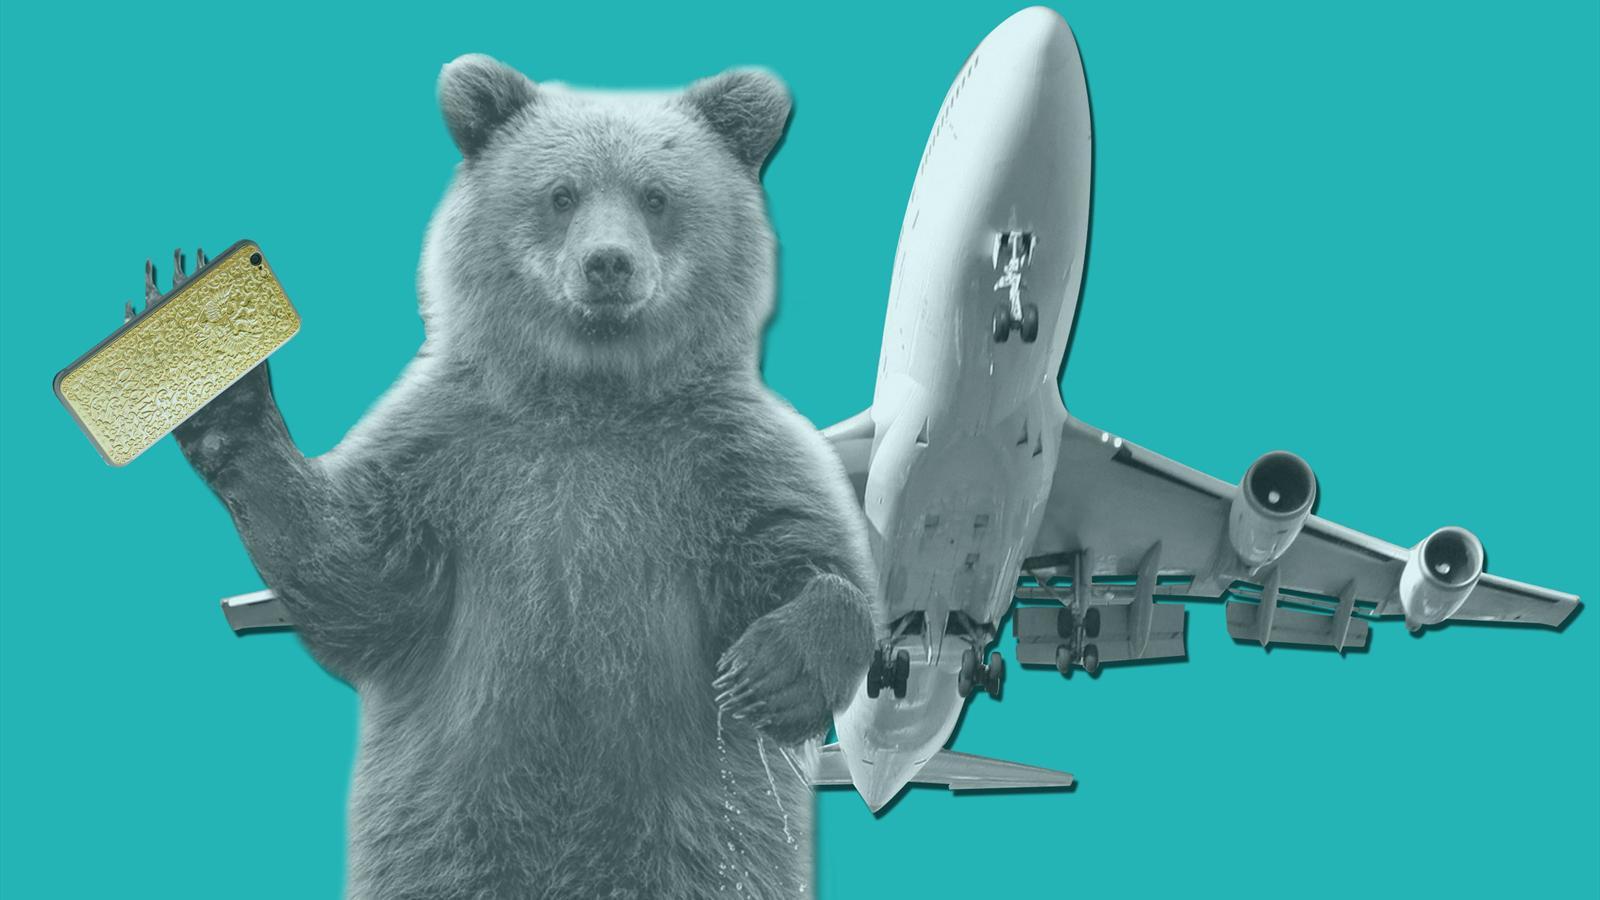 Медведь золотой iphone и чартер с евро